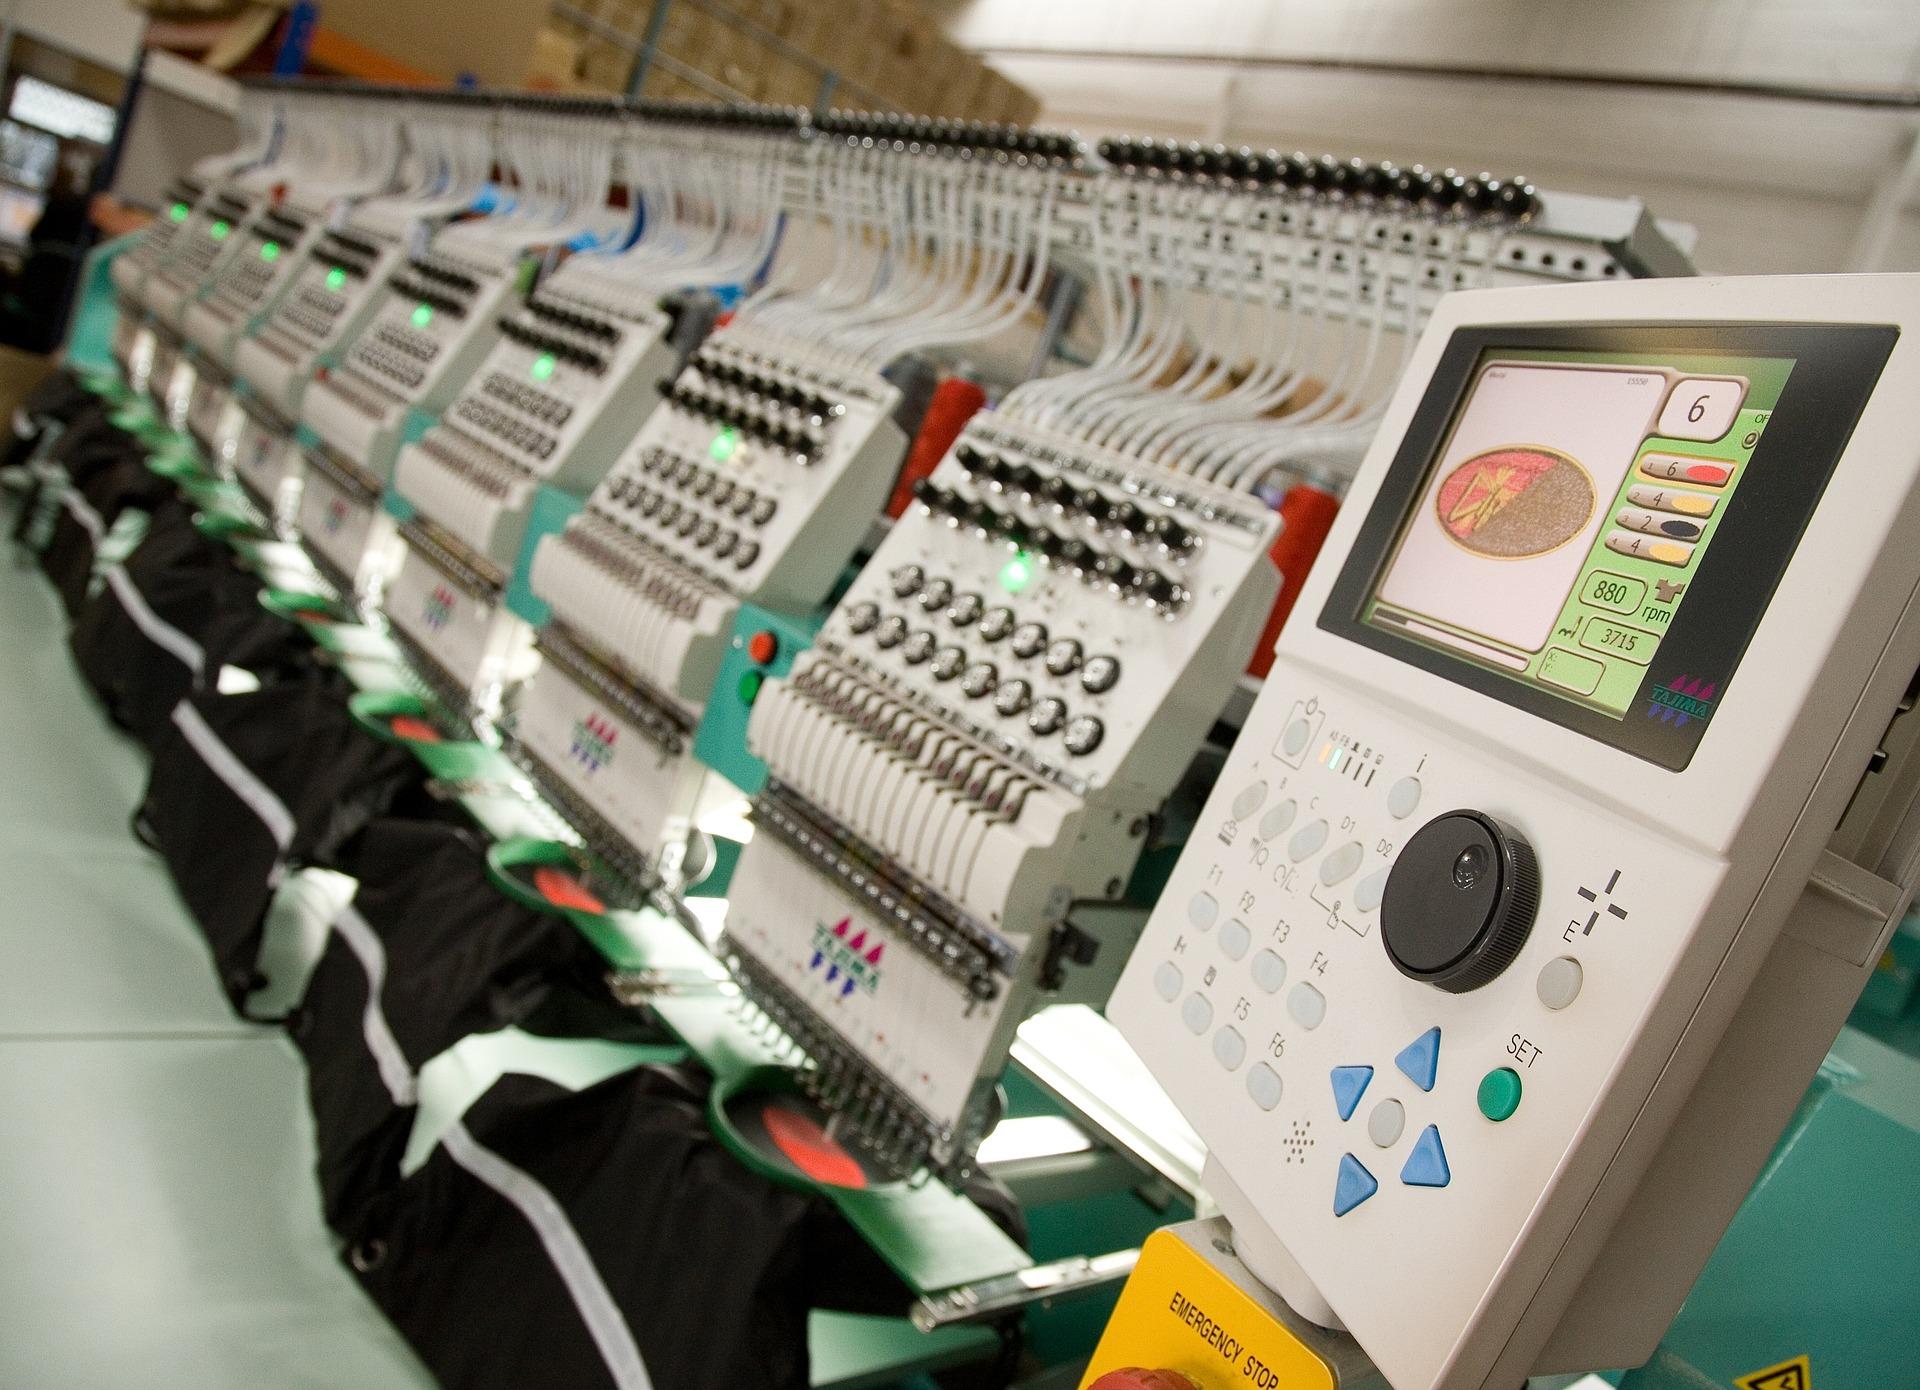 Maszyny do haftu komputerowego